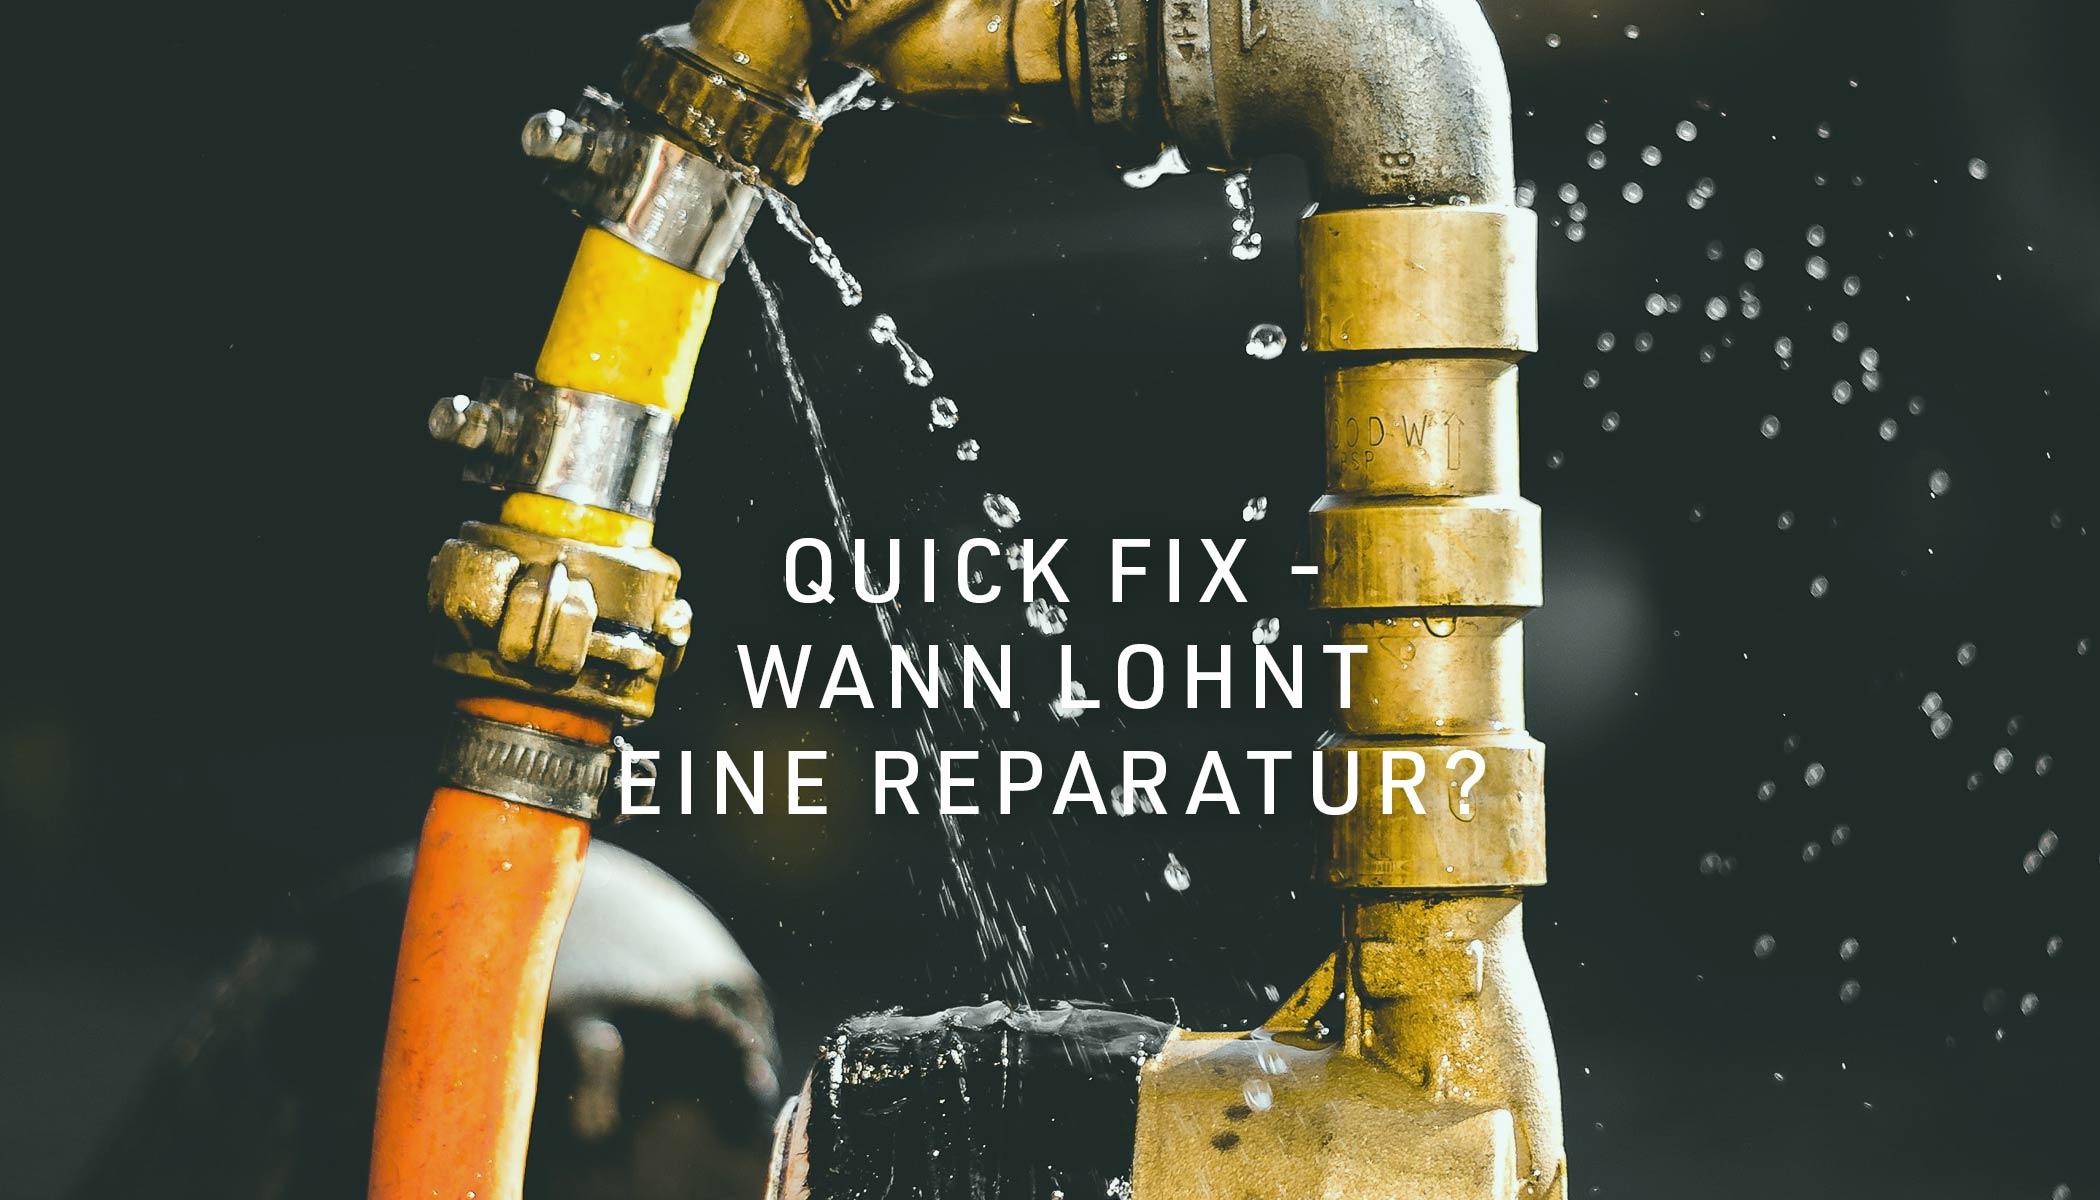 Quick fix - Wann lohnt eine Reparatur?